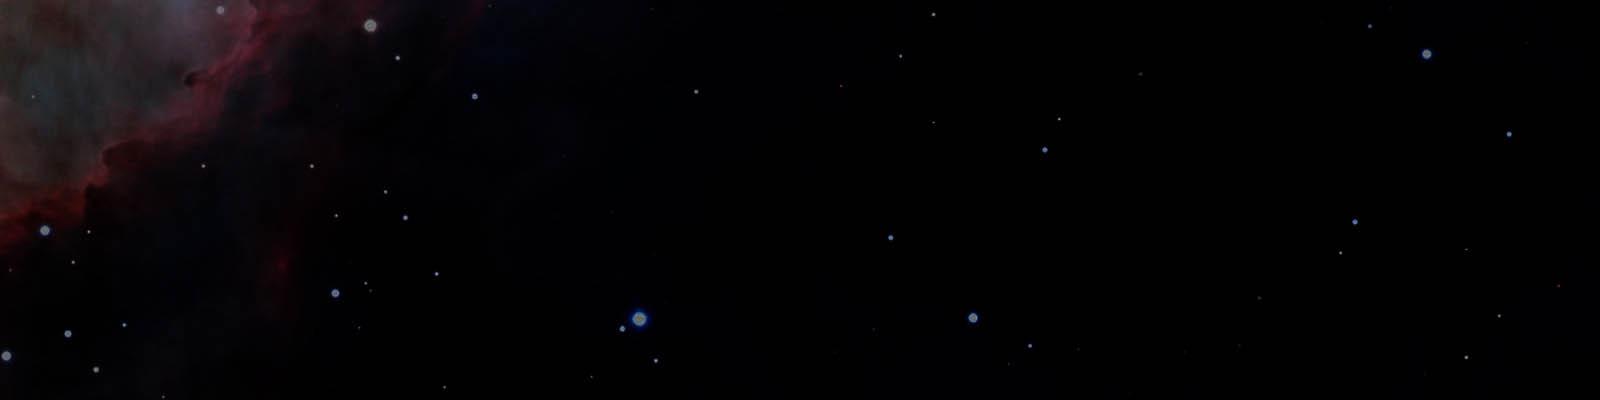 Hintergrund mit Sternenhimmel.